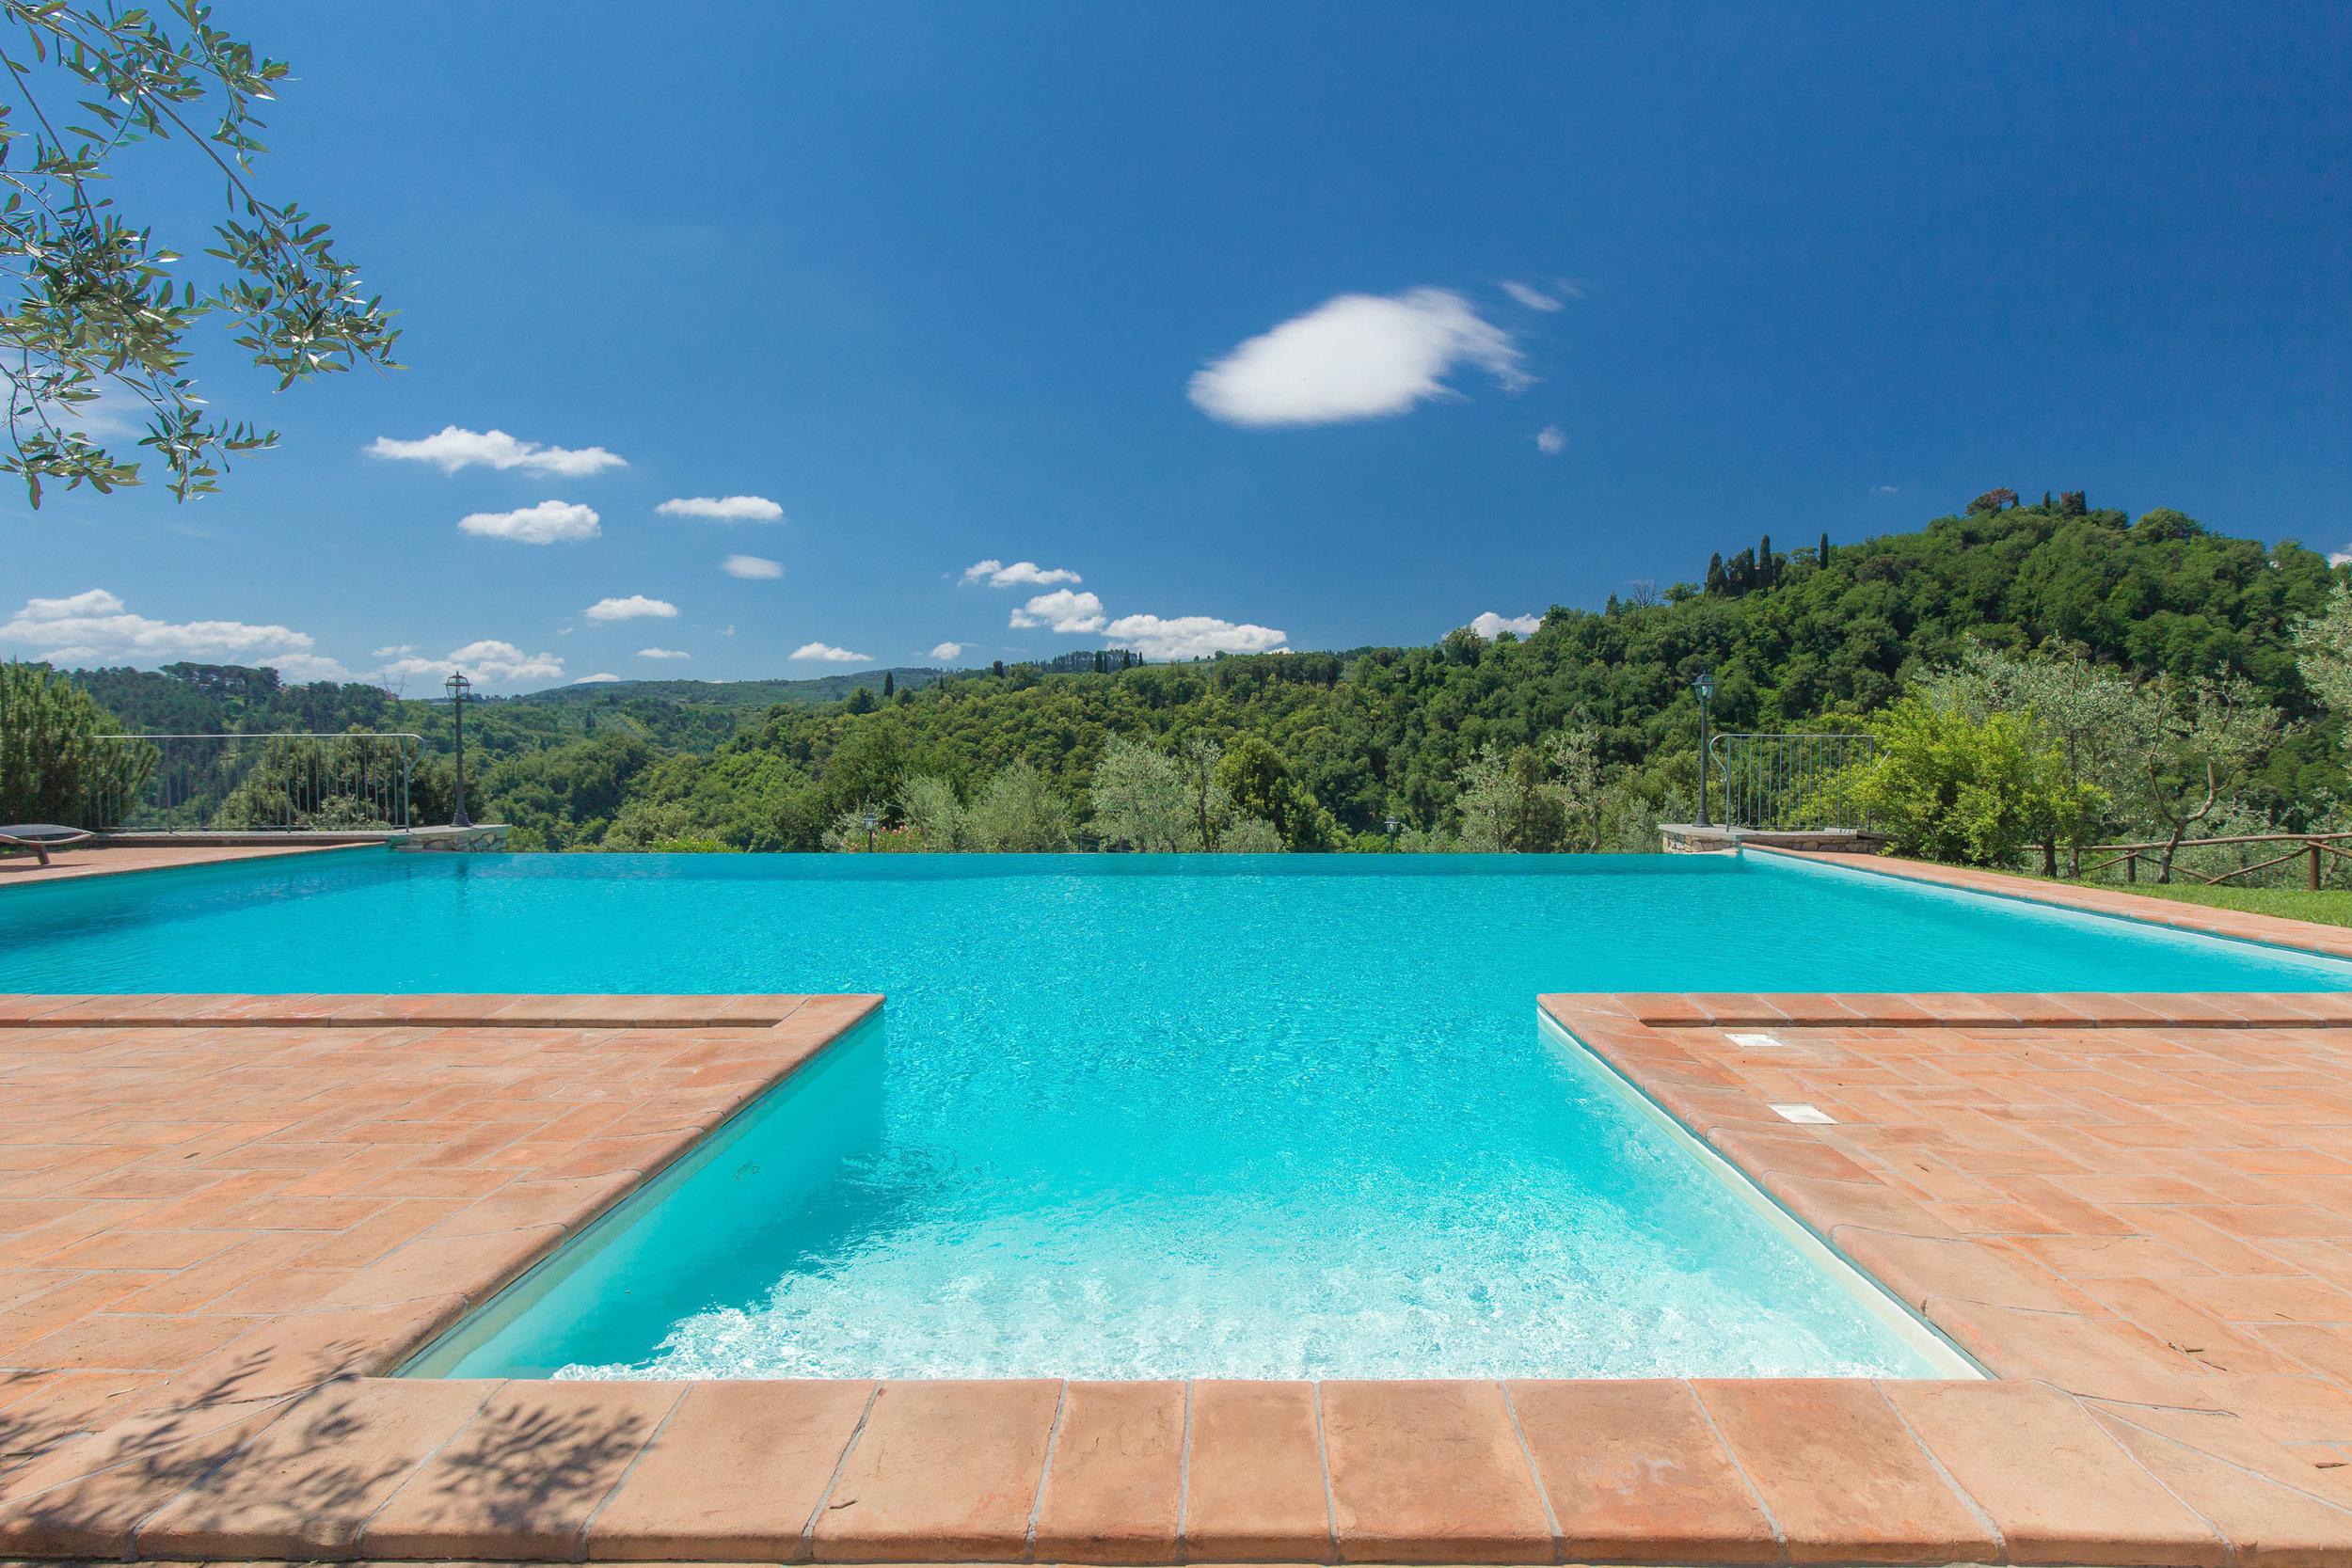 06_piscina.jpg